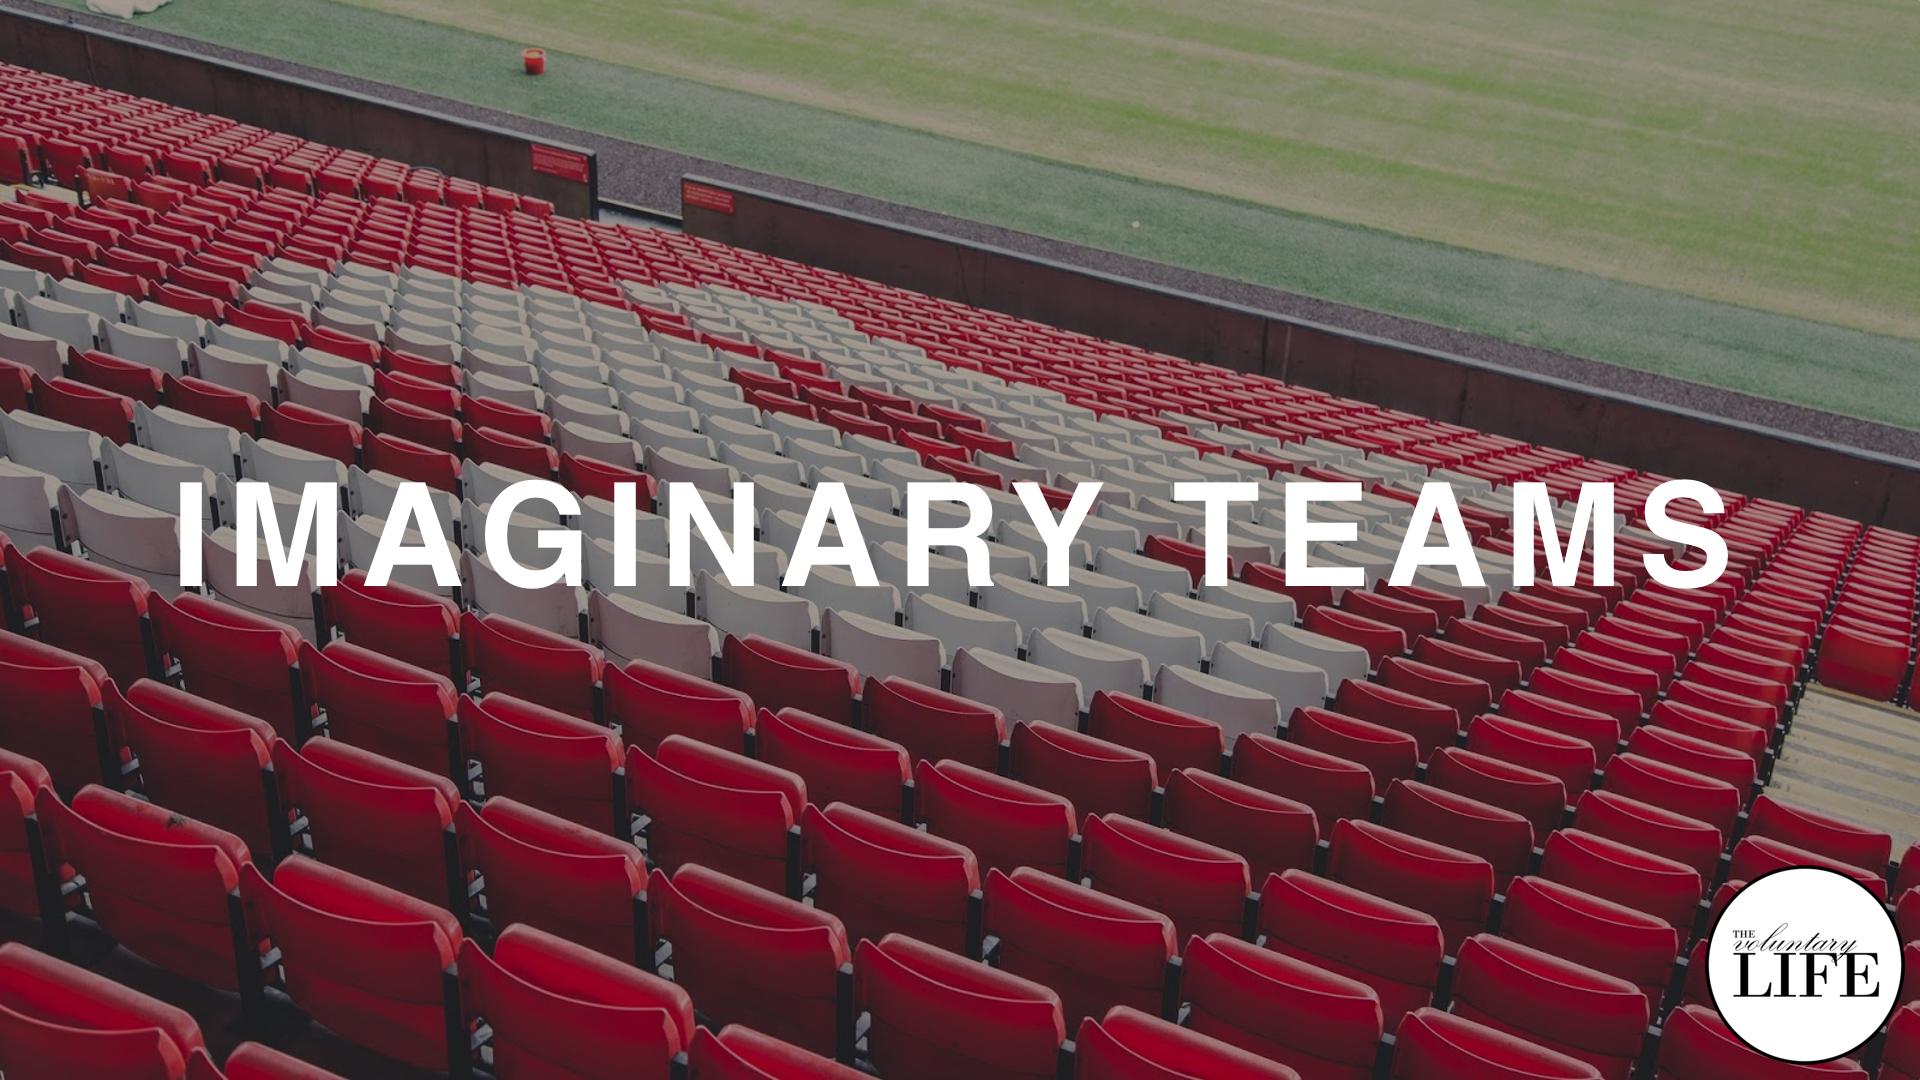 274 Imaginary Teams